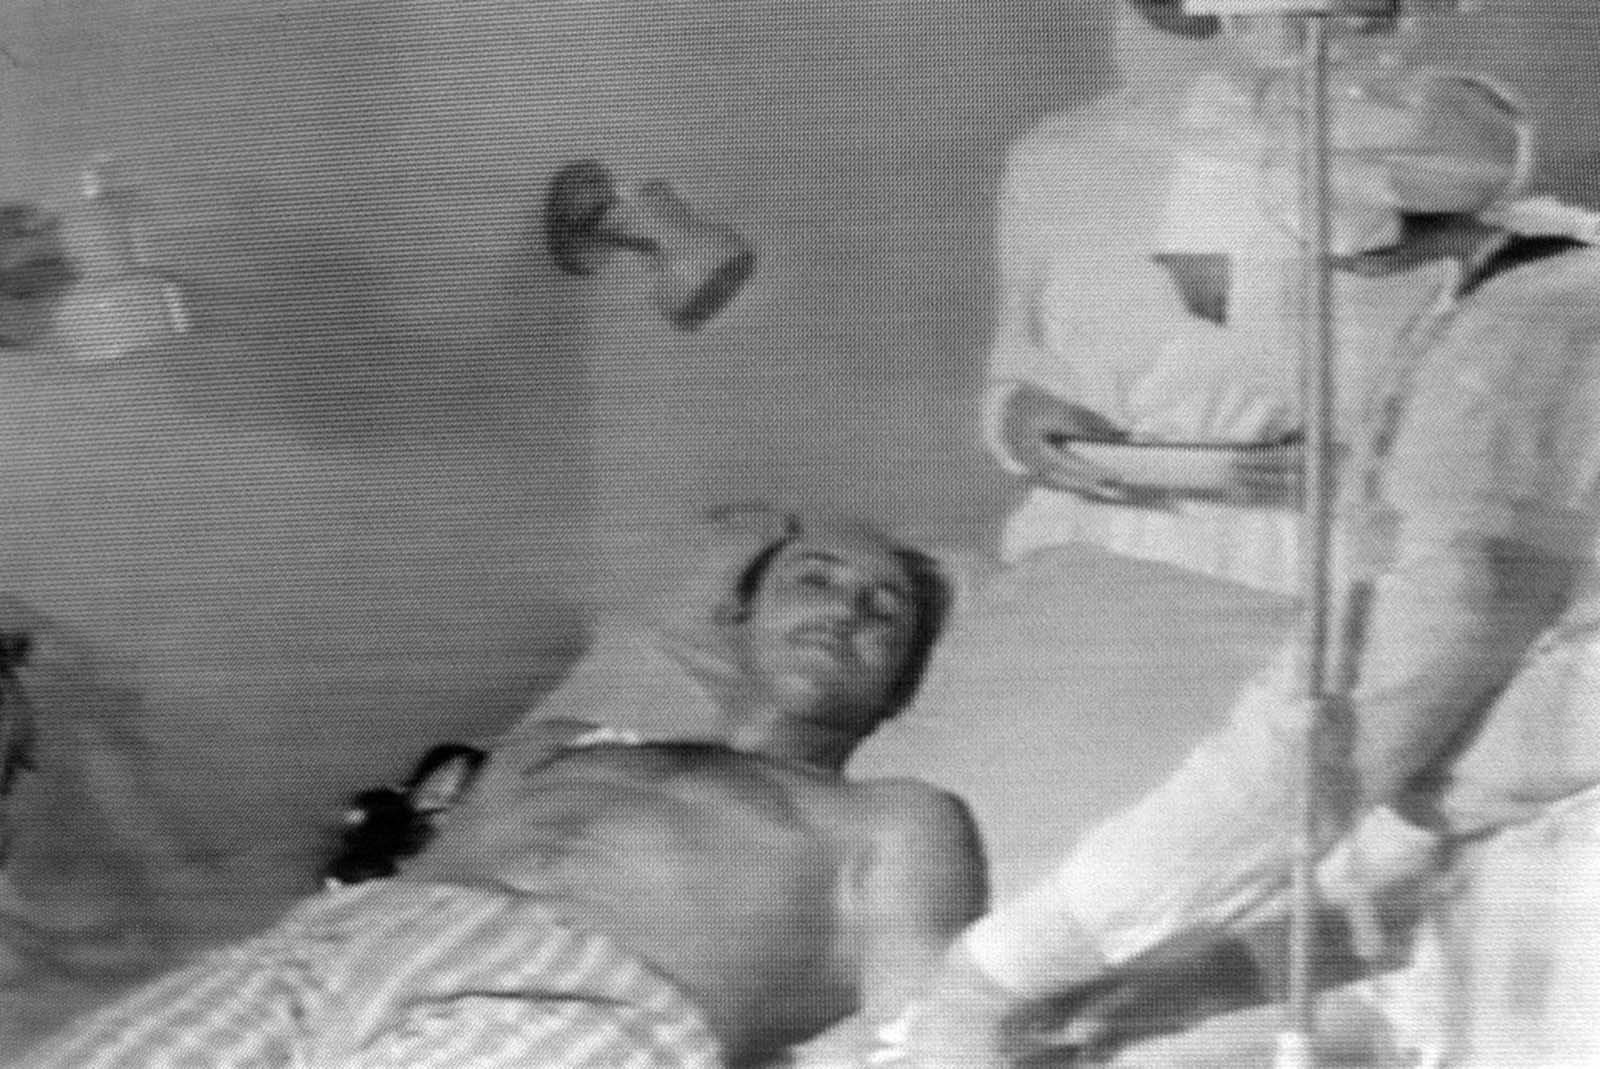 Una foto de la televisión soviética muestra a un hombre que resultó herido en la explosión en Chernobyl cuando recibe atención médica.